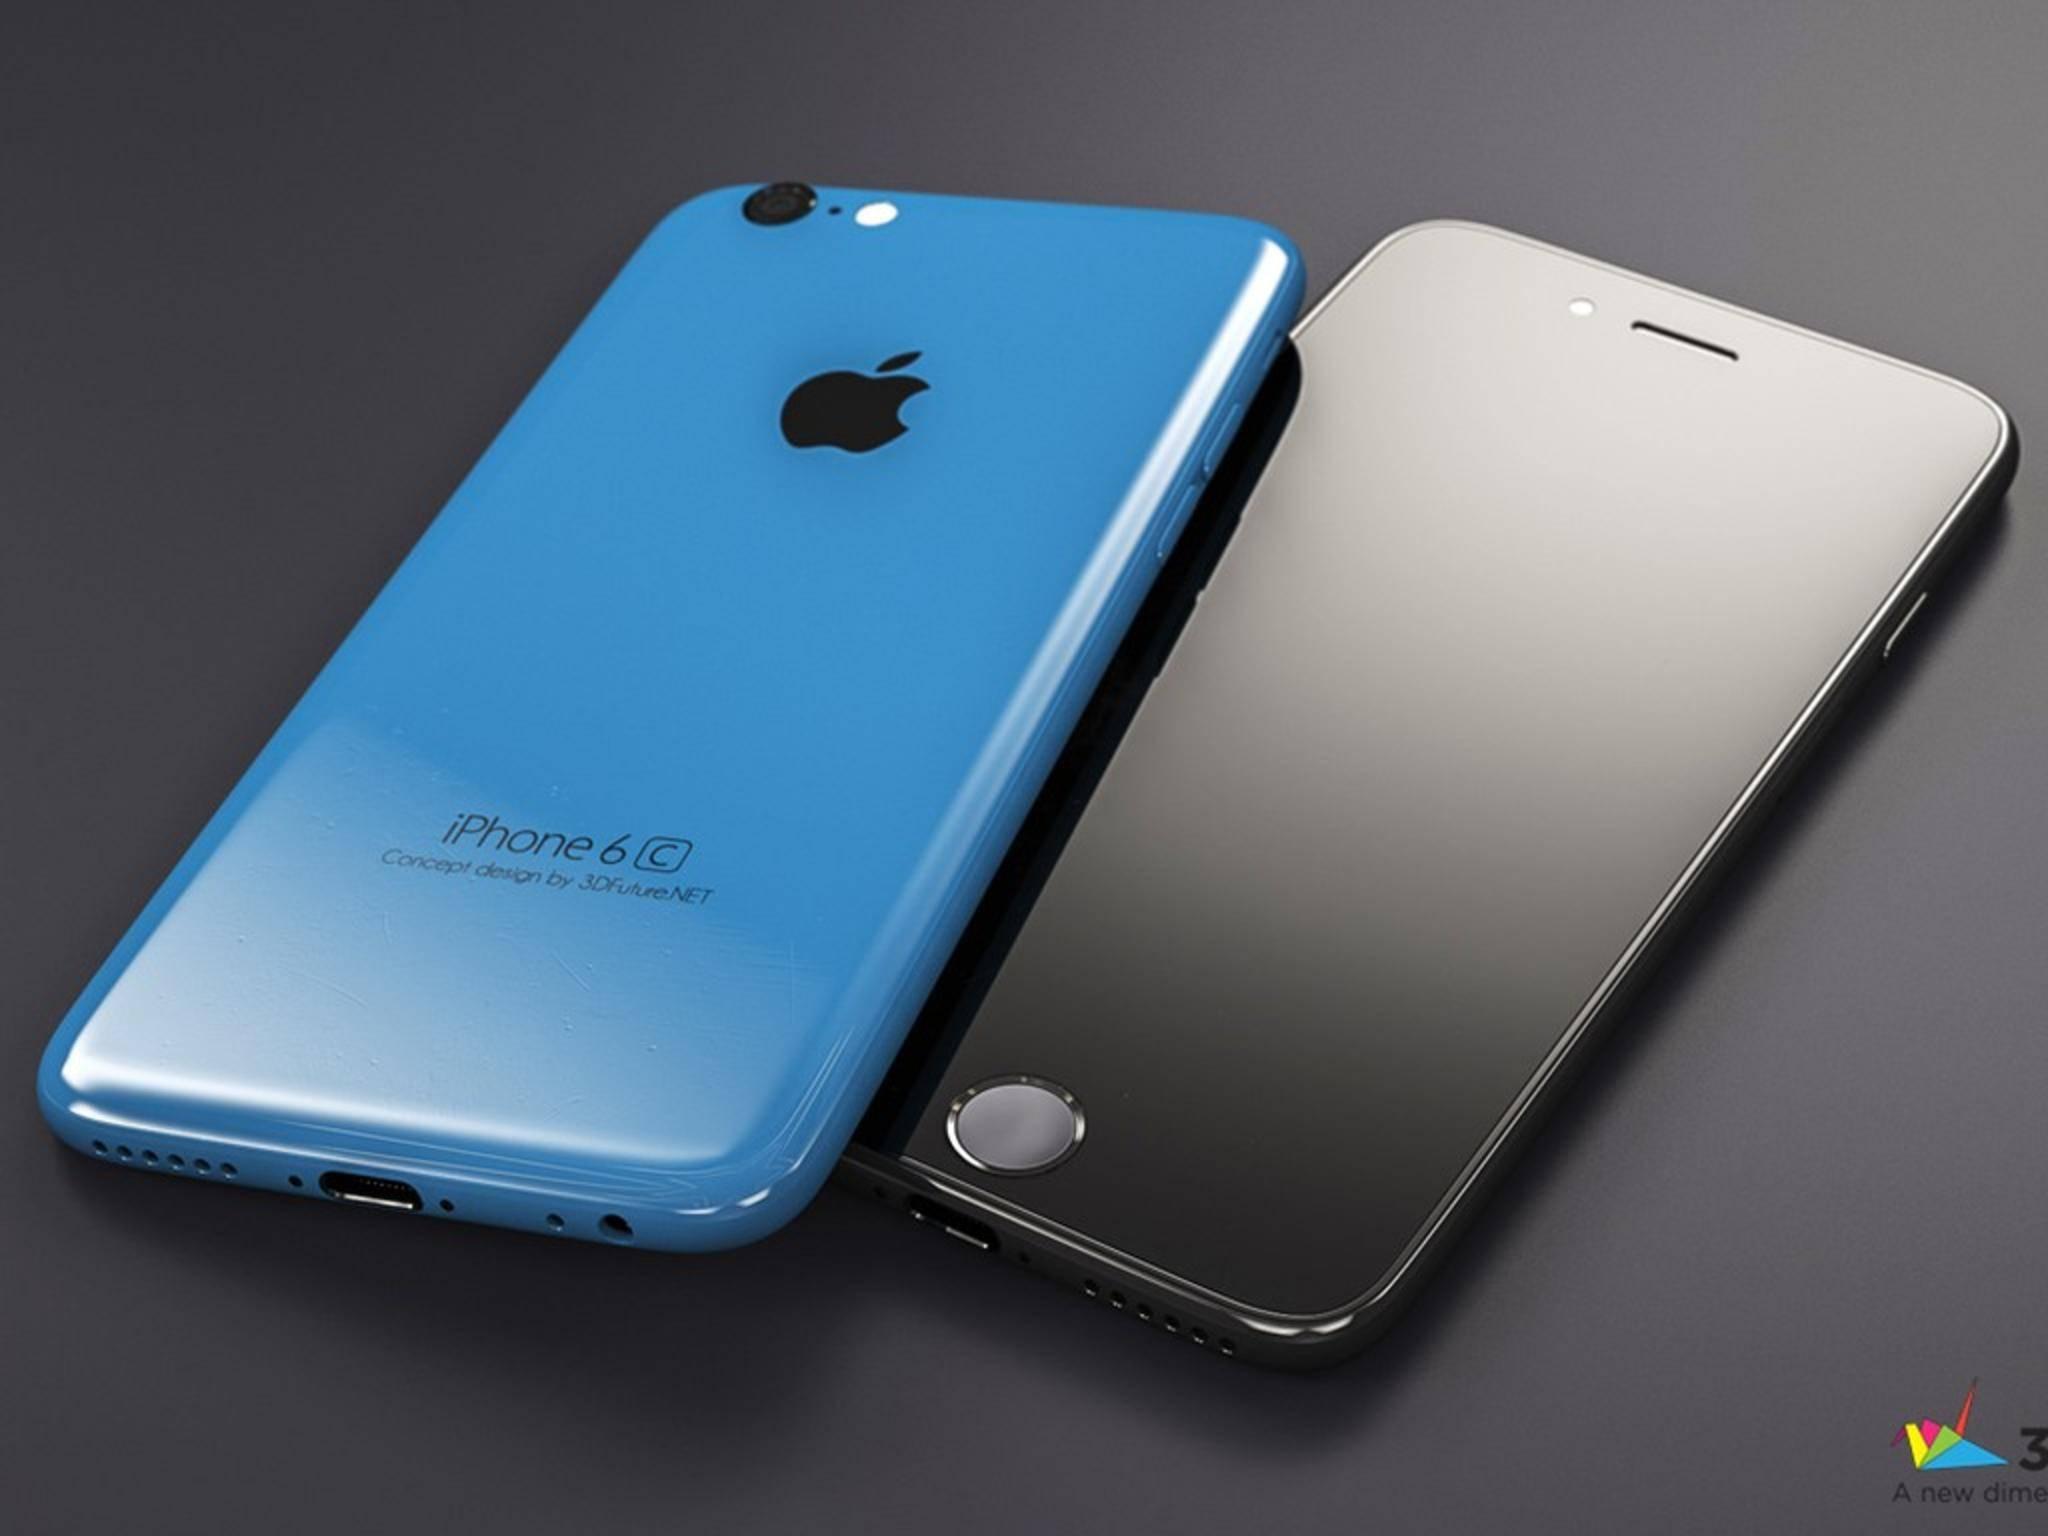 Über ein farbiges iPhone 6c streiten sich die Experten noch.